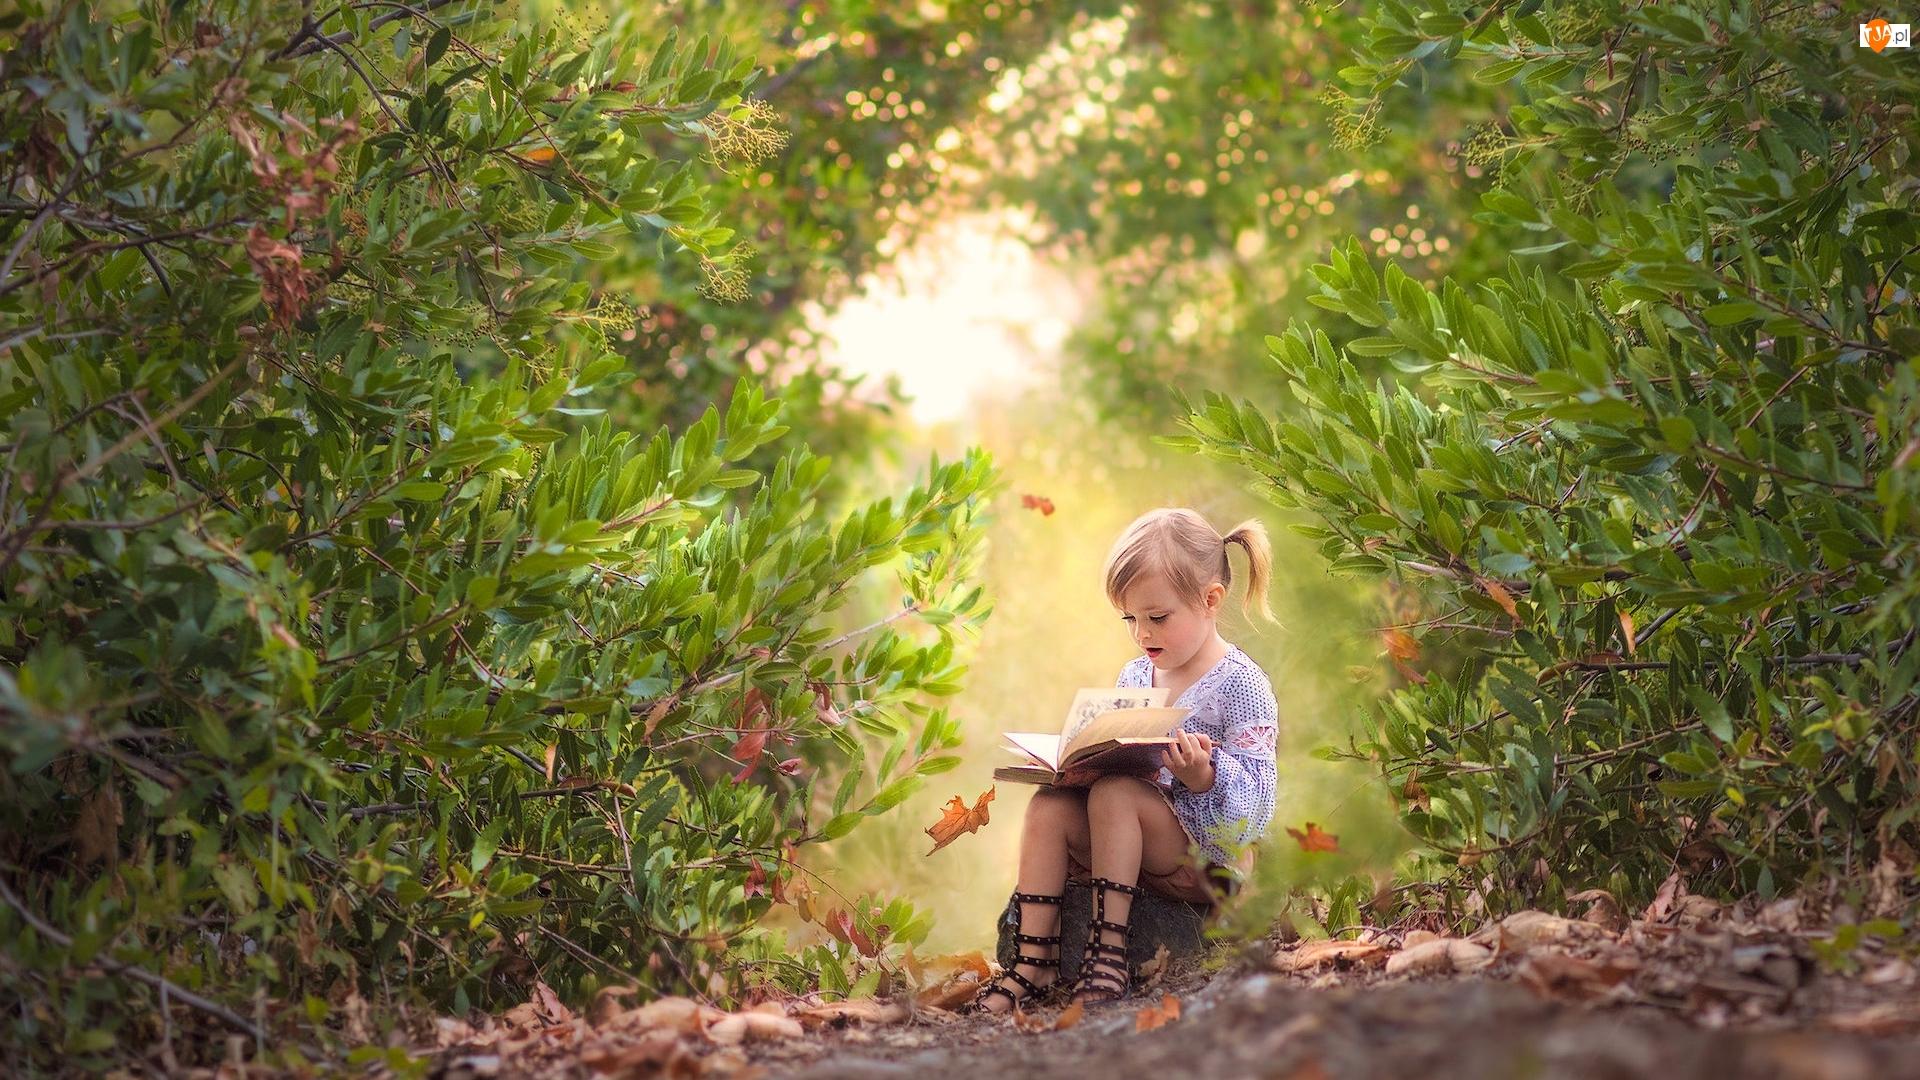 Krzewy, Dziewczynka, Książka, Ścieżka